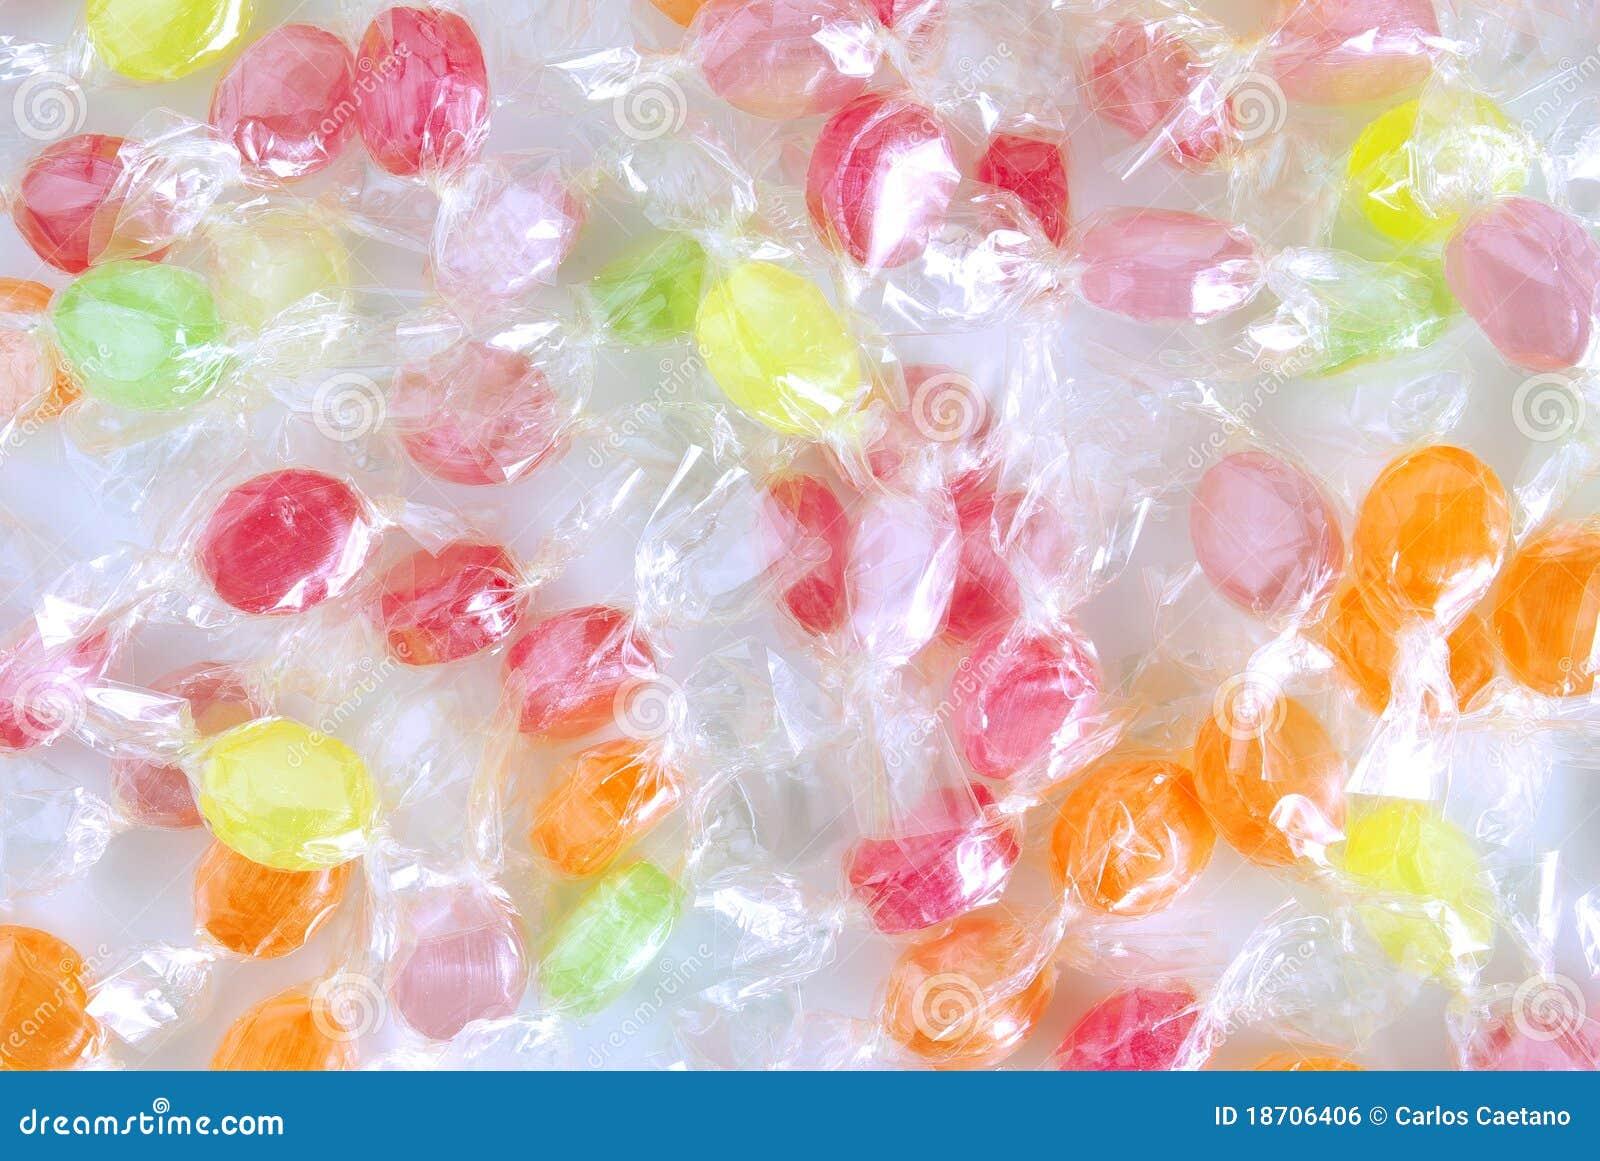 конфеты сладостные